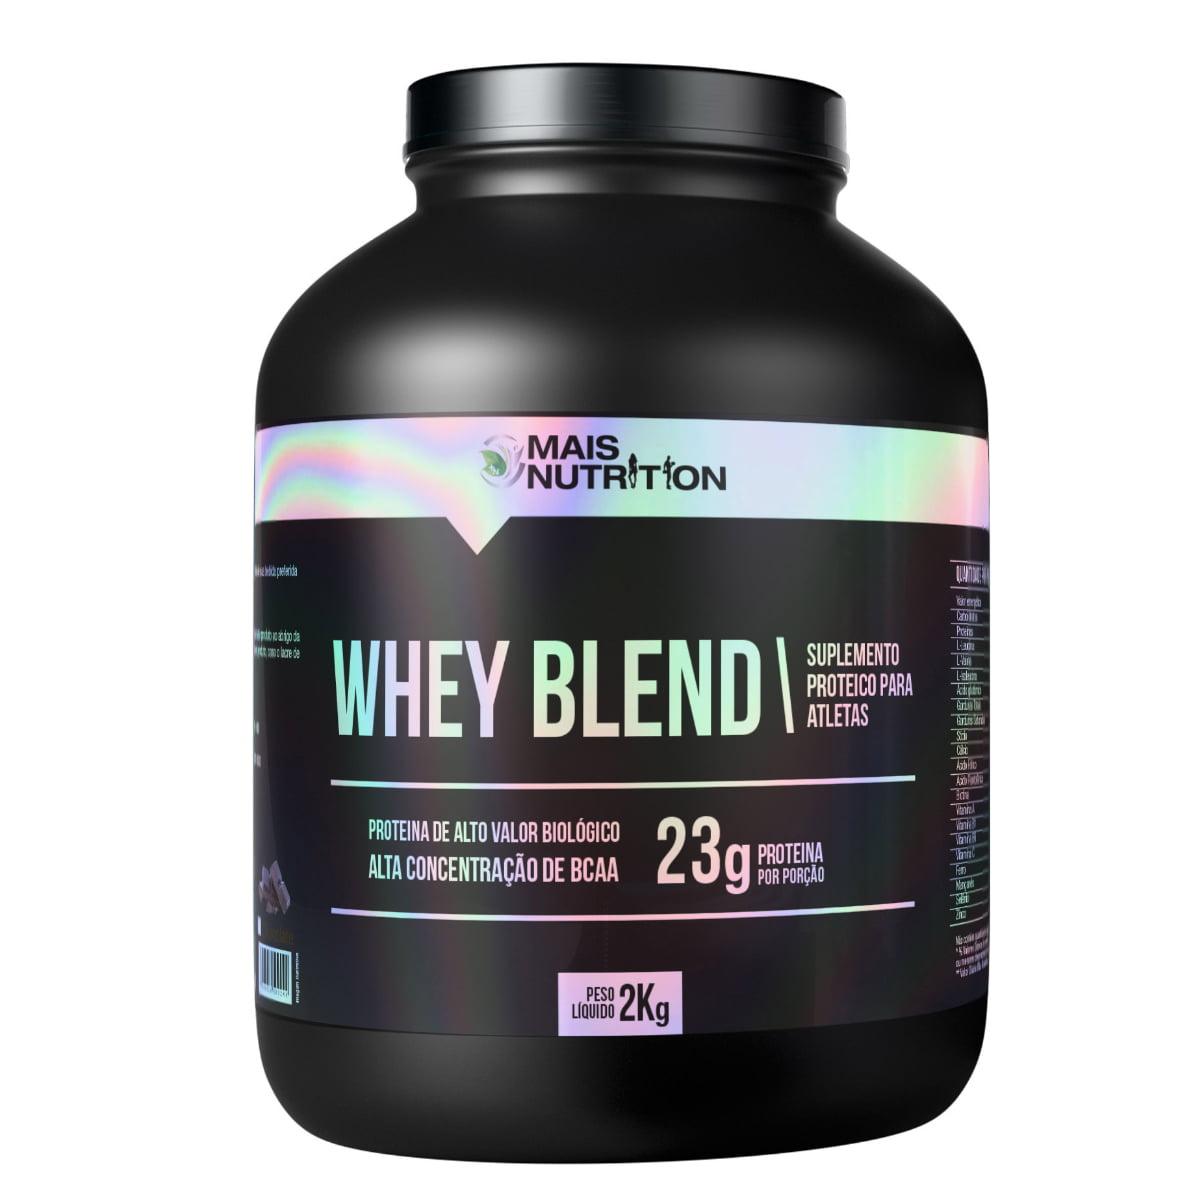 Whey Blend 2kg – Sabores Baunilha, Chocolate e Morango